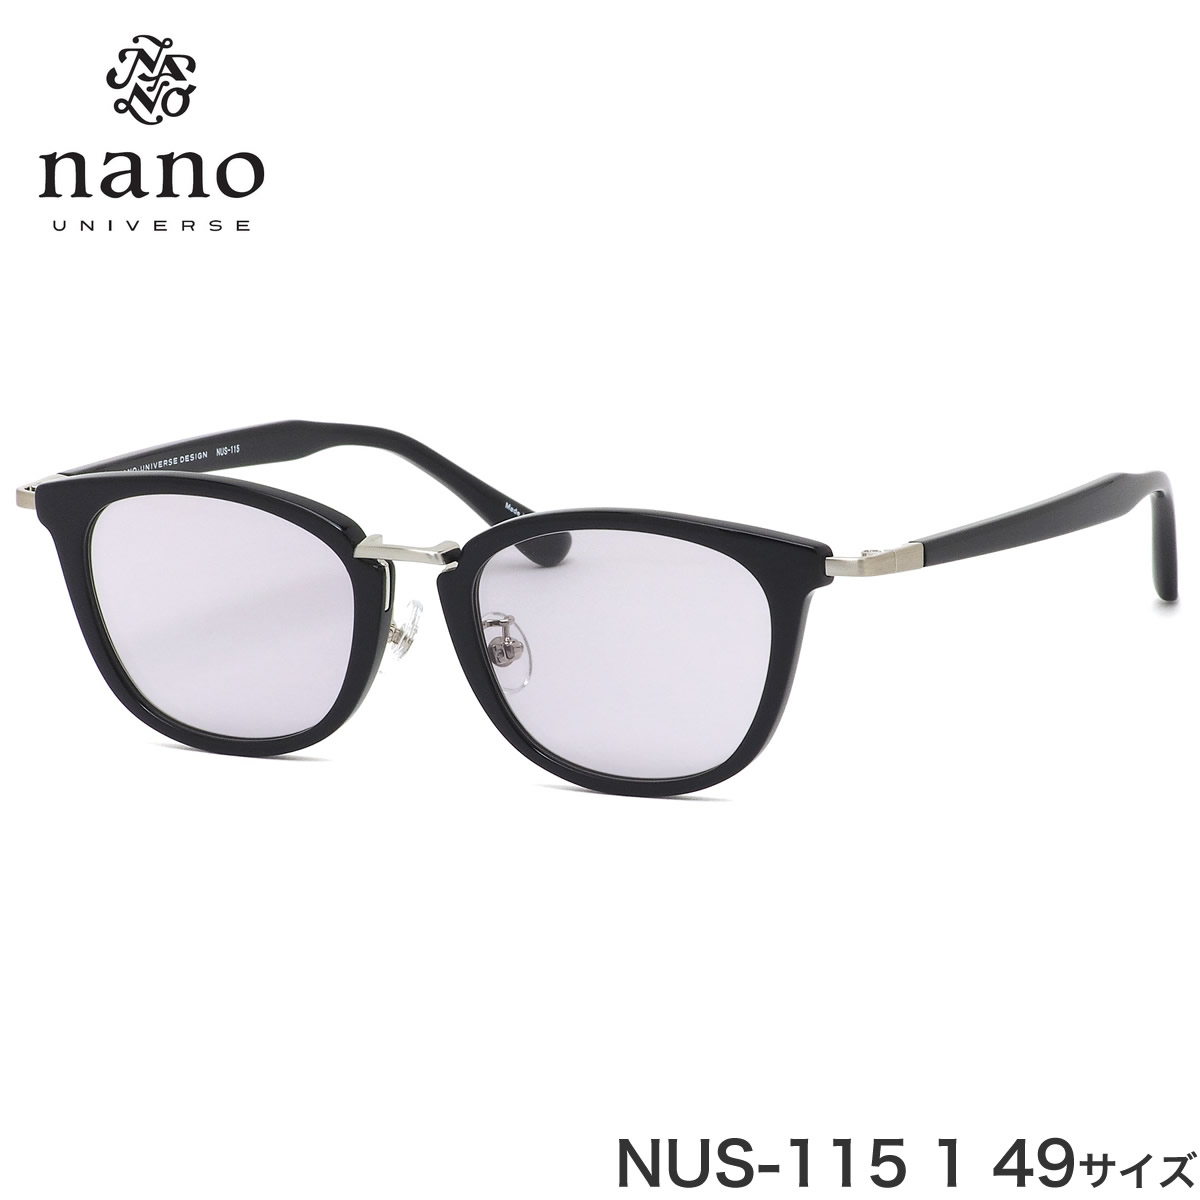 ナノ・ユニバース nano UNIVERSE サングラス NUS-115 1 49サイズ nanouniverse ナノユニバース レトロ おしゃれ ウェリントン メンズ レディース